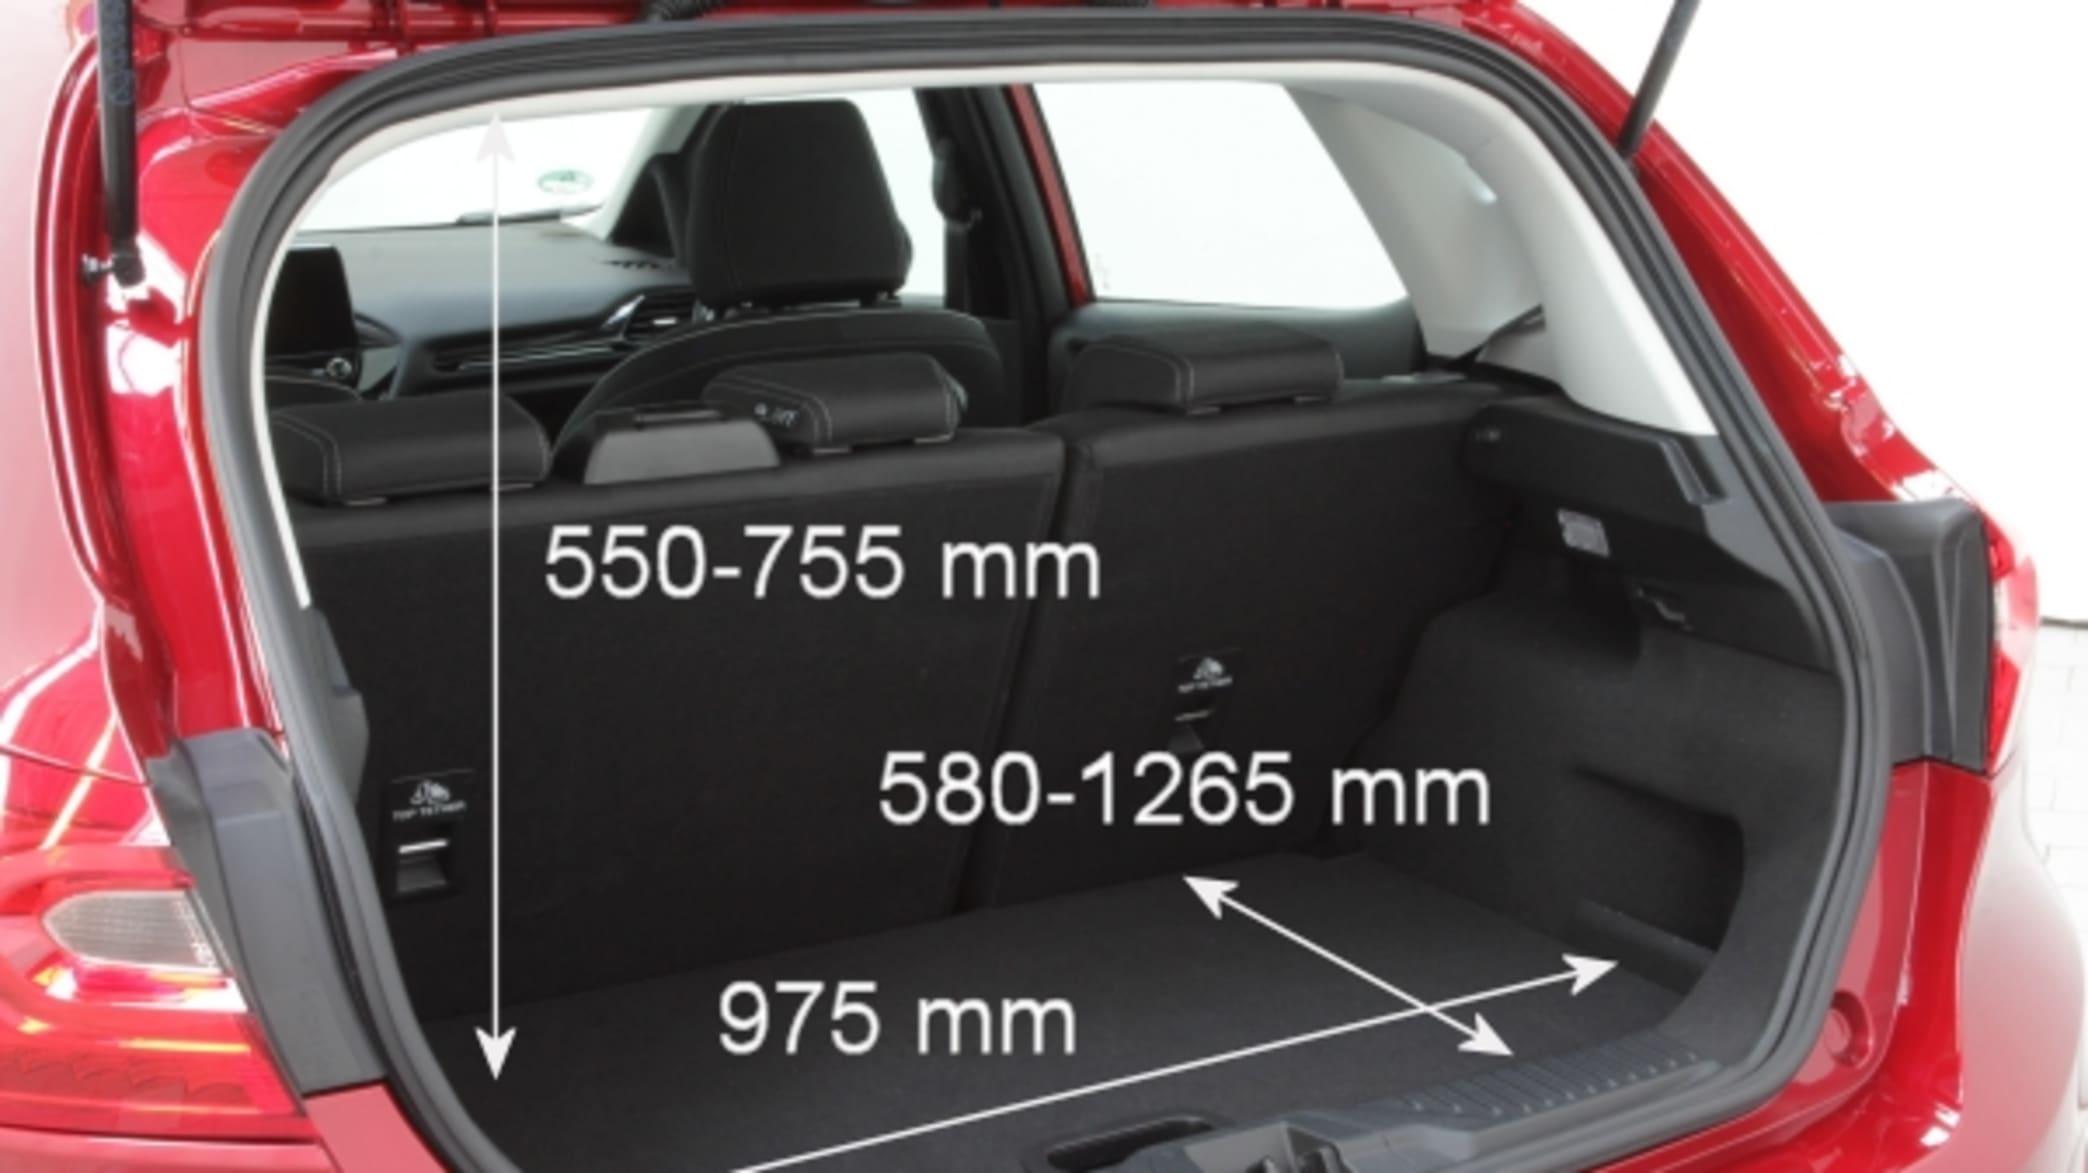 Kofferraum eines Ford Fiesta mit Maßen